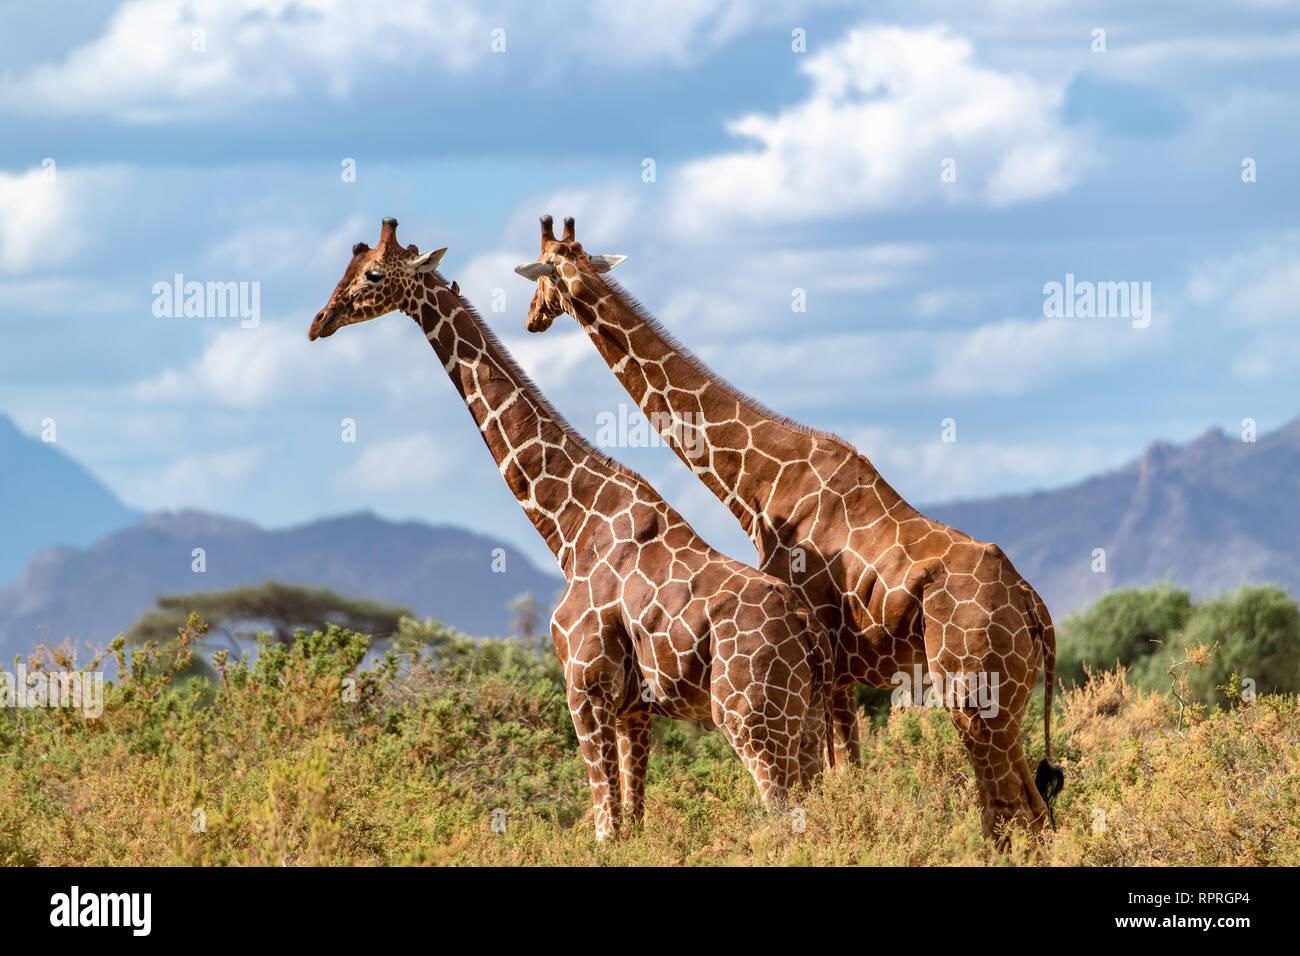 Deux girafes réticulée (Giraffa camelopardalis reticulata) sondage le scène de fin d'après-midi au Kenya, Afrique. Elles sont considérées en danger. Banque D'Images